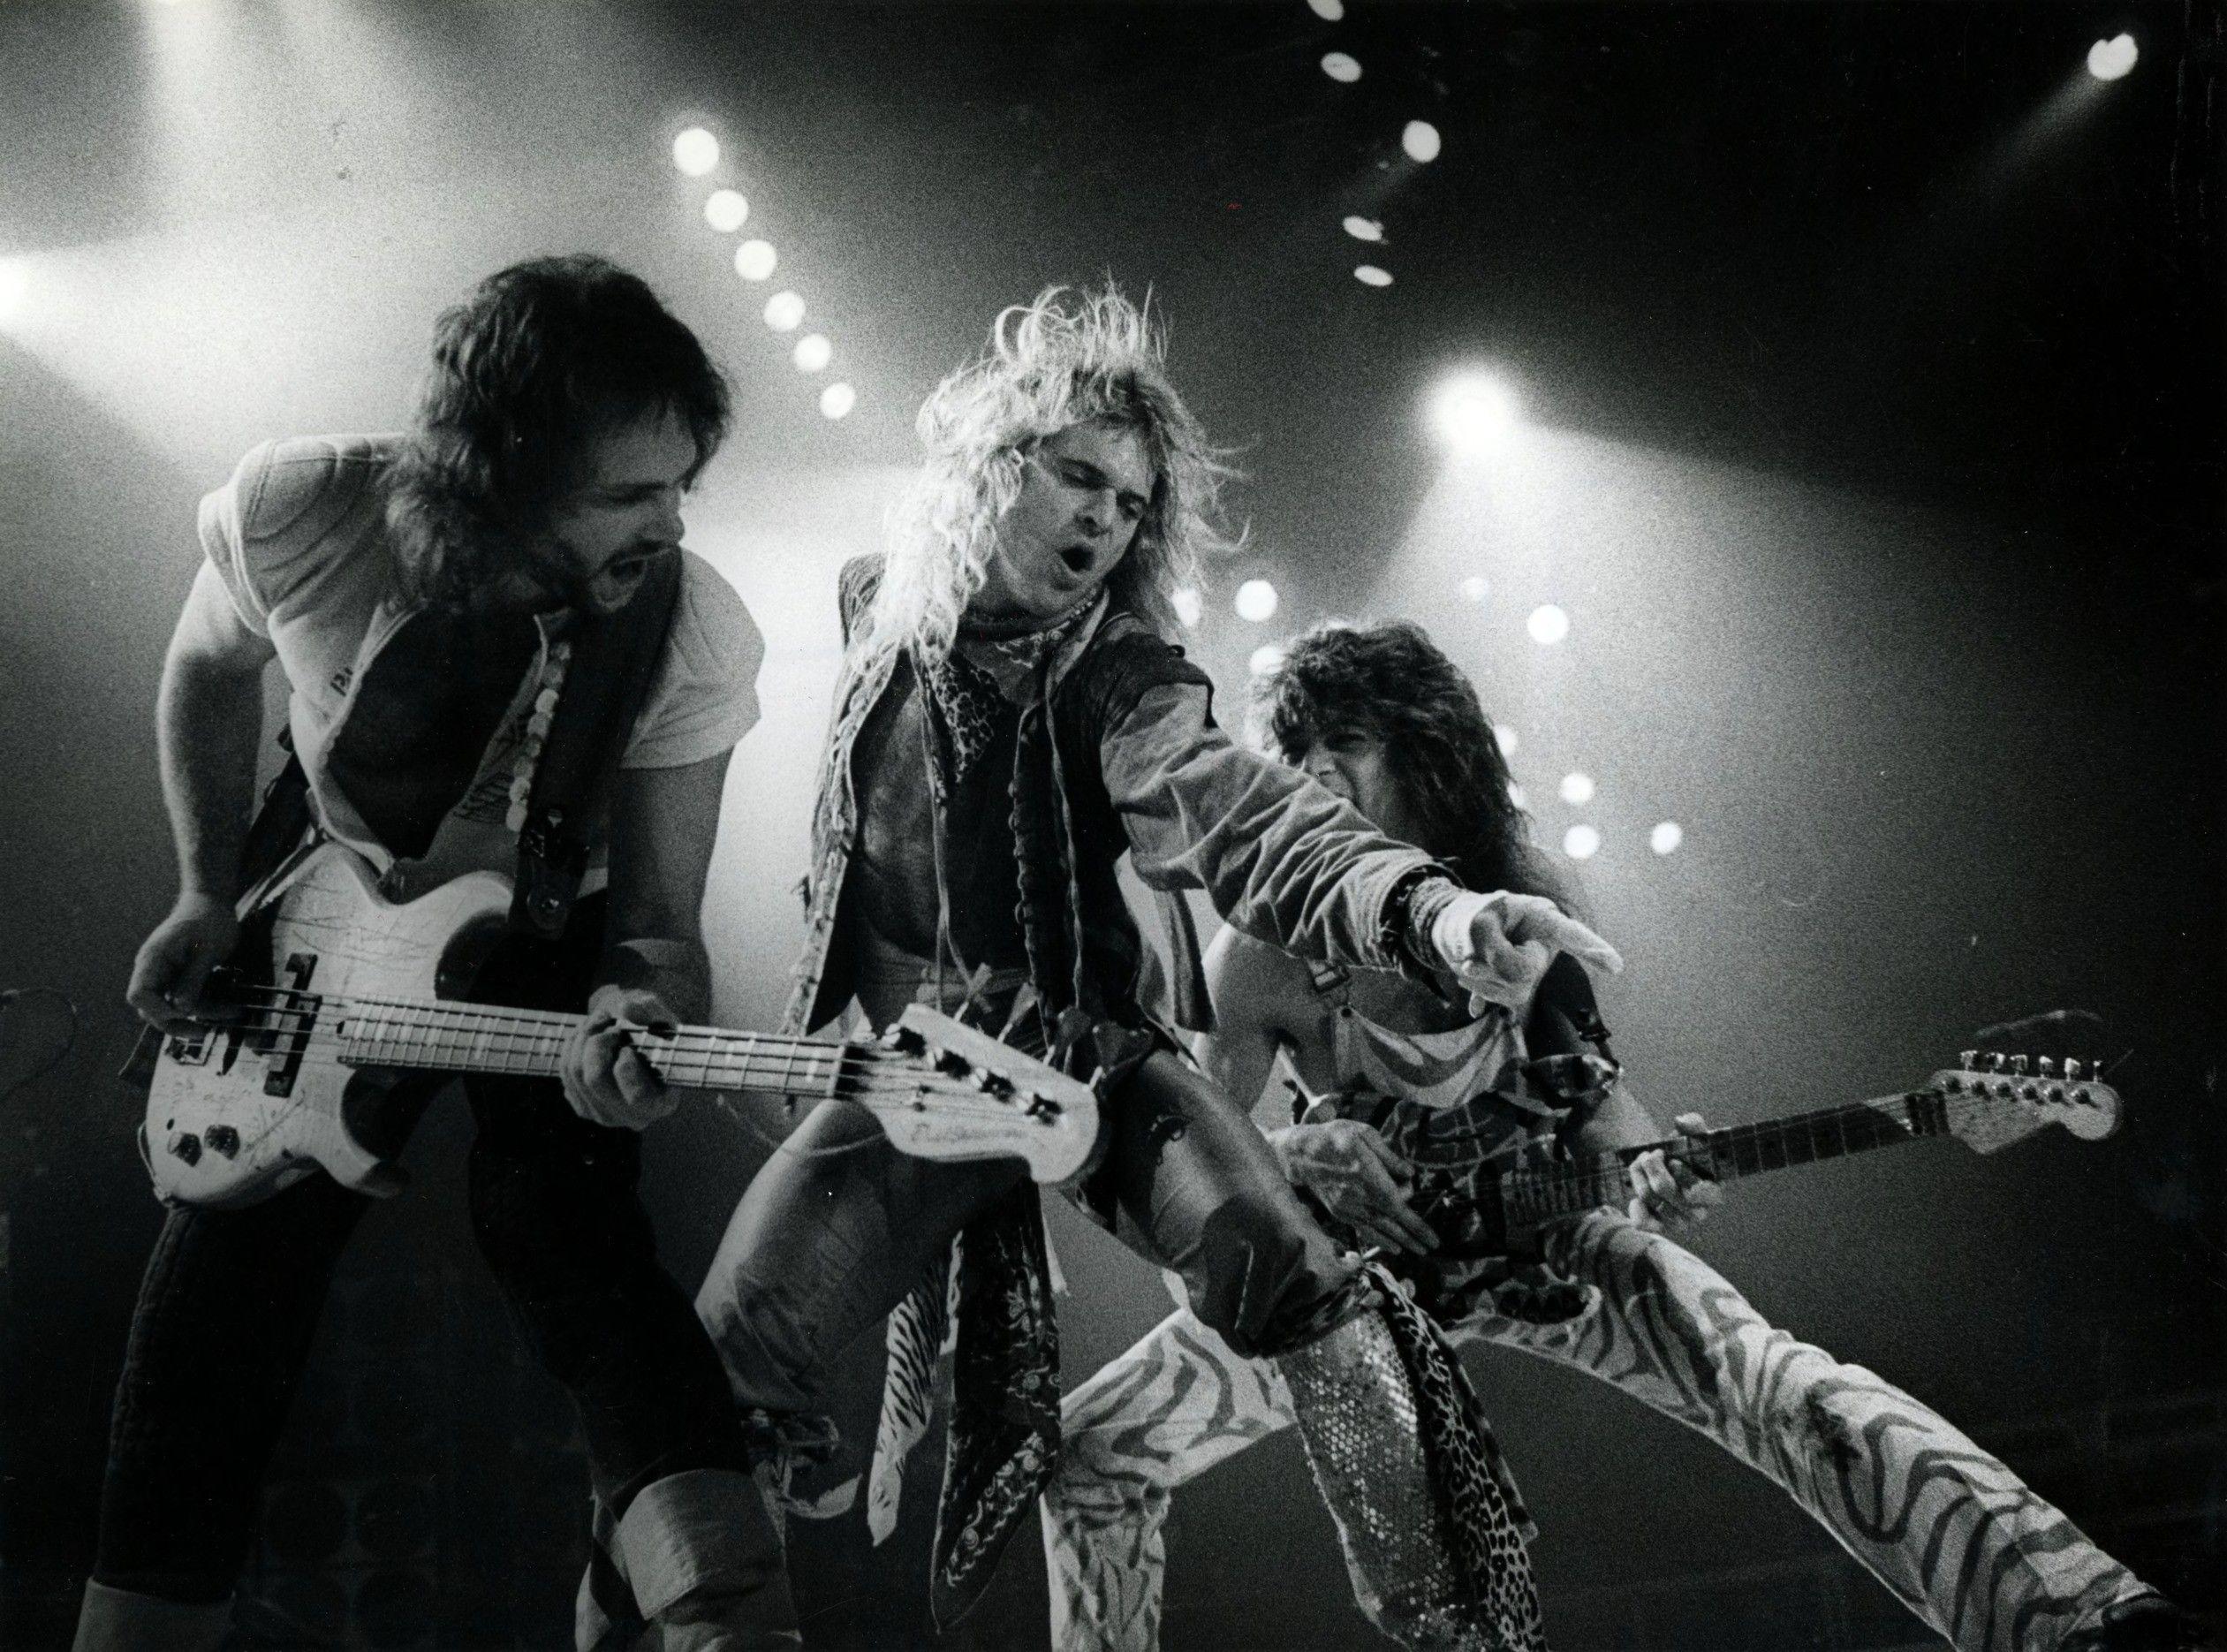 Eddie Van Halen Wallpapers Top Free Eddie Van Halen Backgrounds Wallpaperaccess